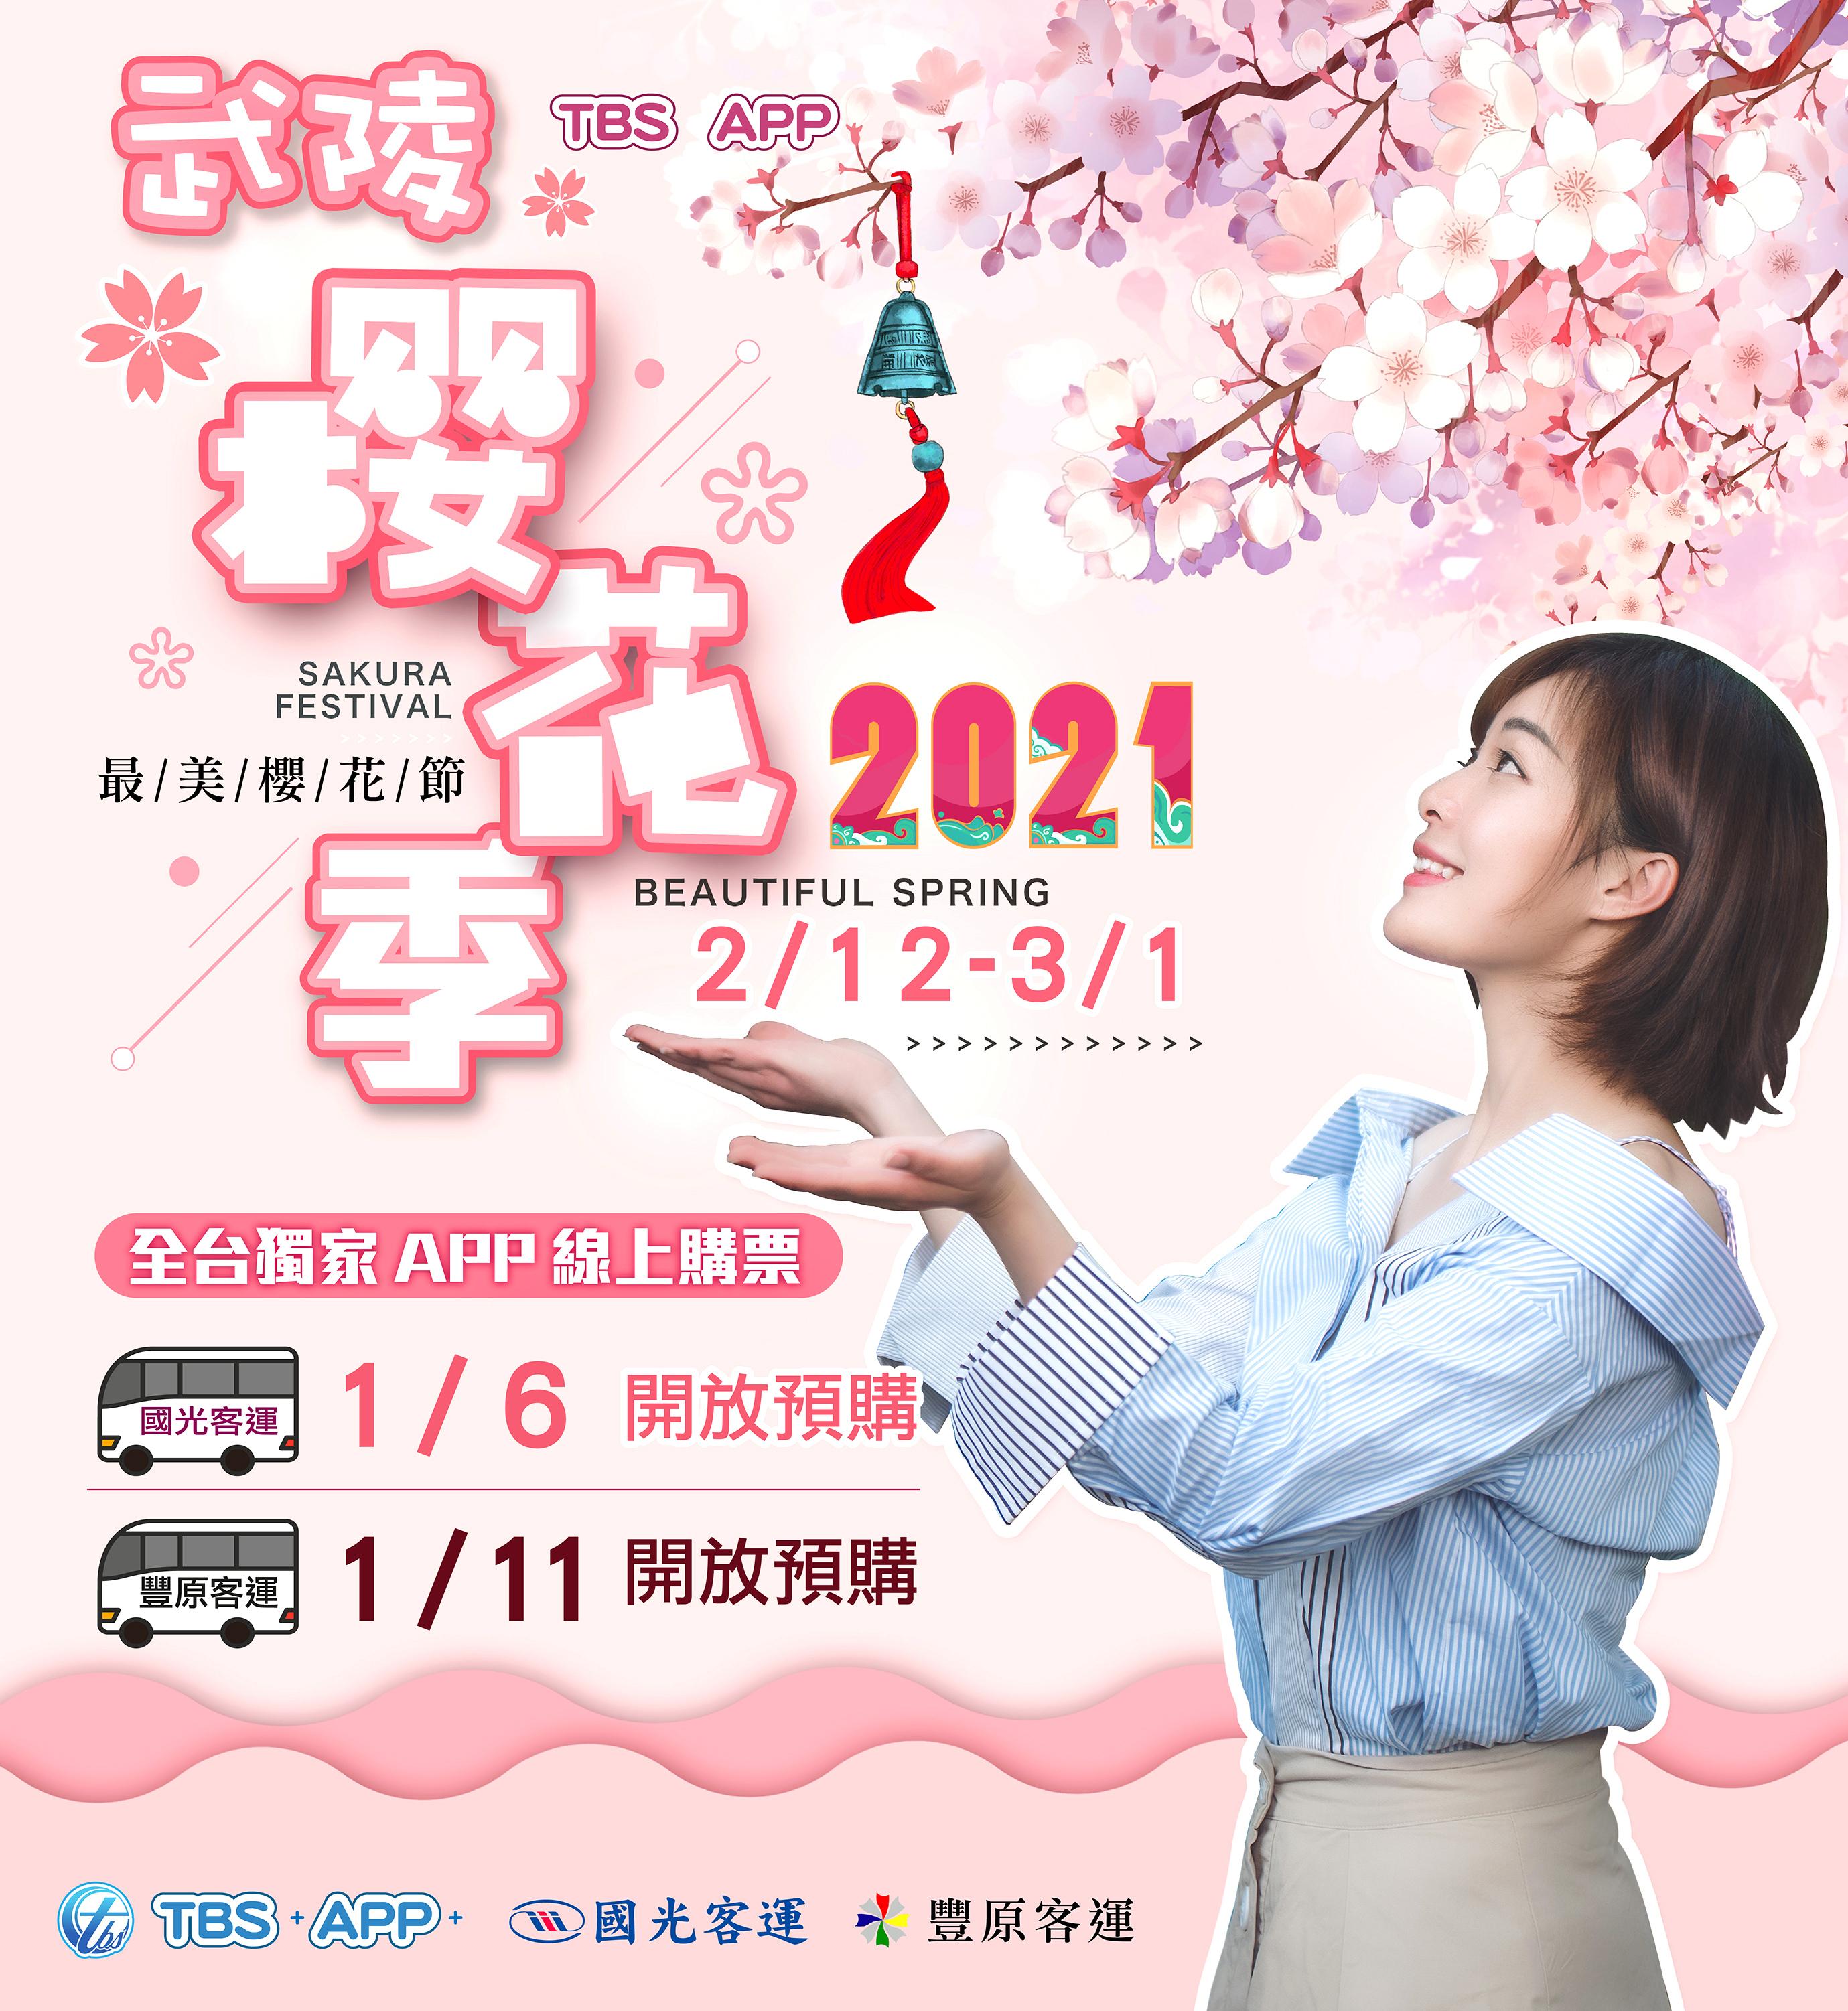 武陵賞櫻車票開賣 線上買抽7-11虛擬商品卡